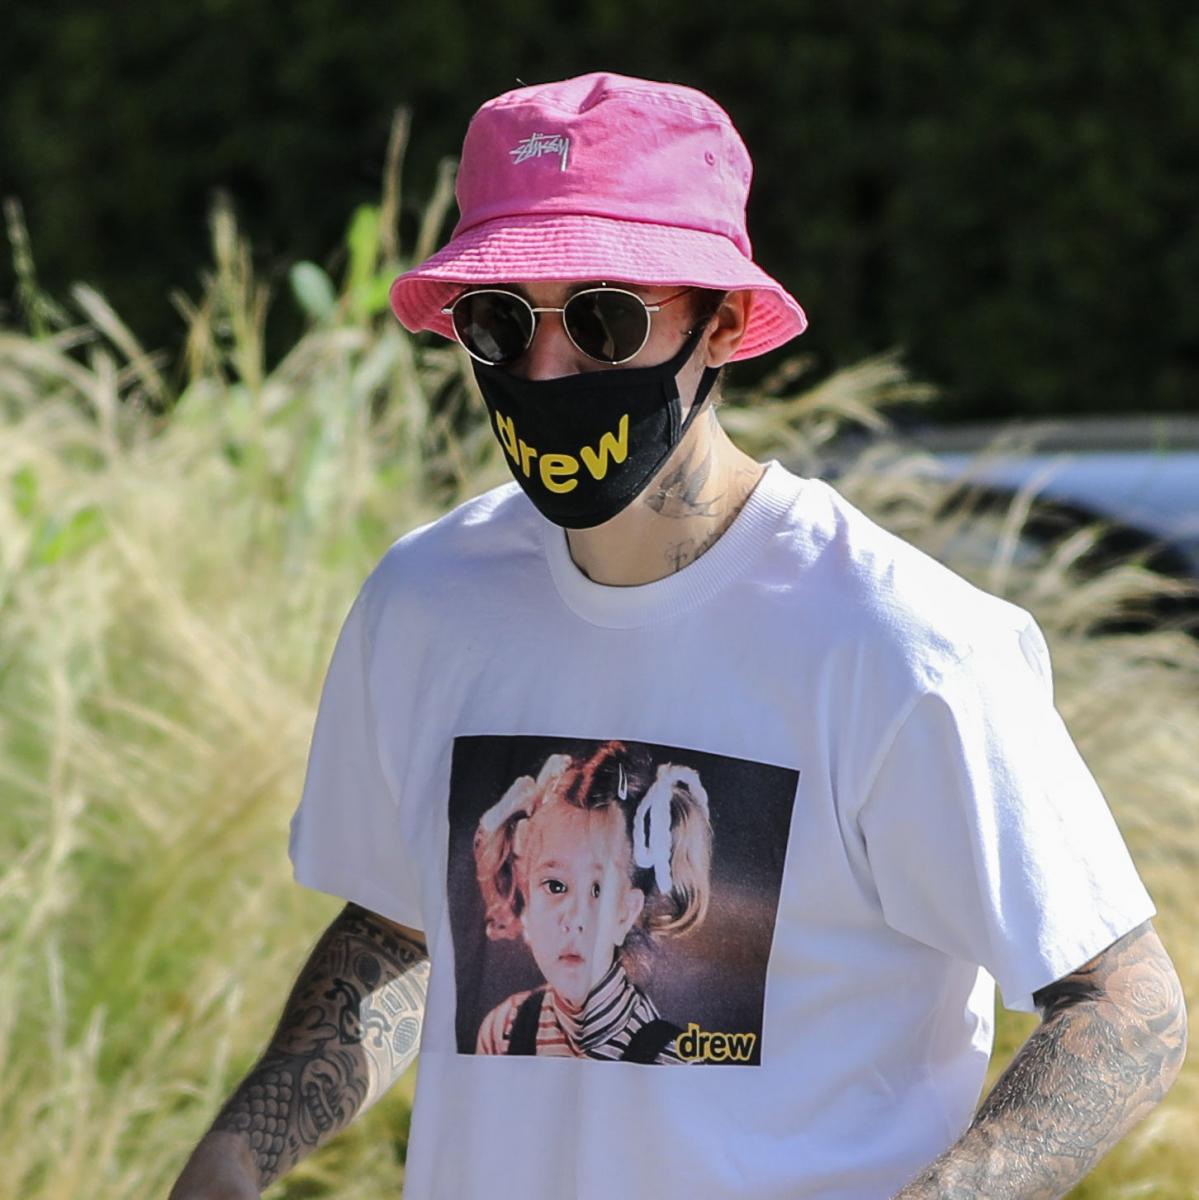 【ジャスティン・ビーバー】妻・ヘイリーと同じブランドのマスクを共用中!